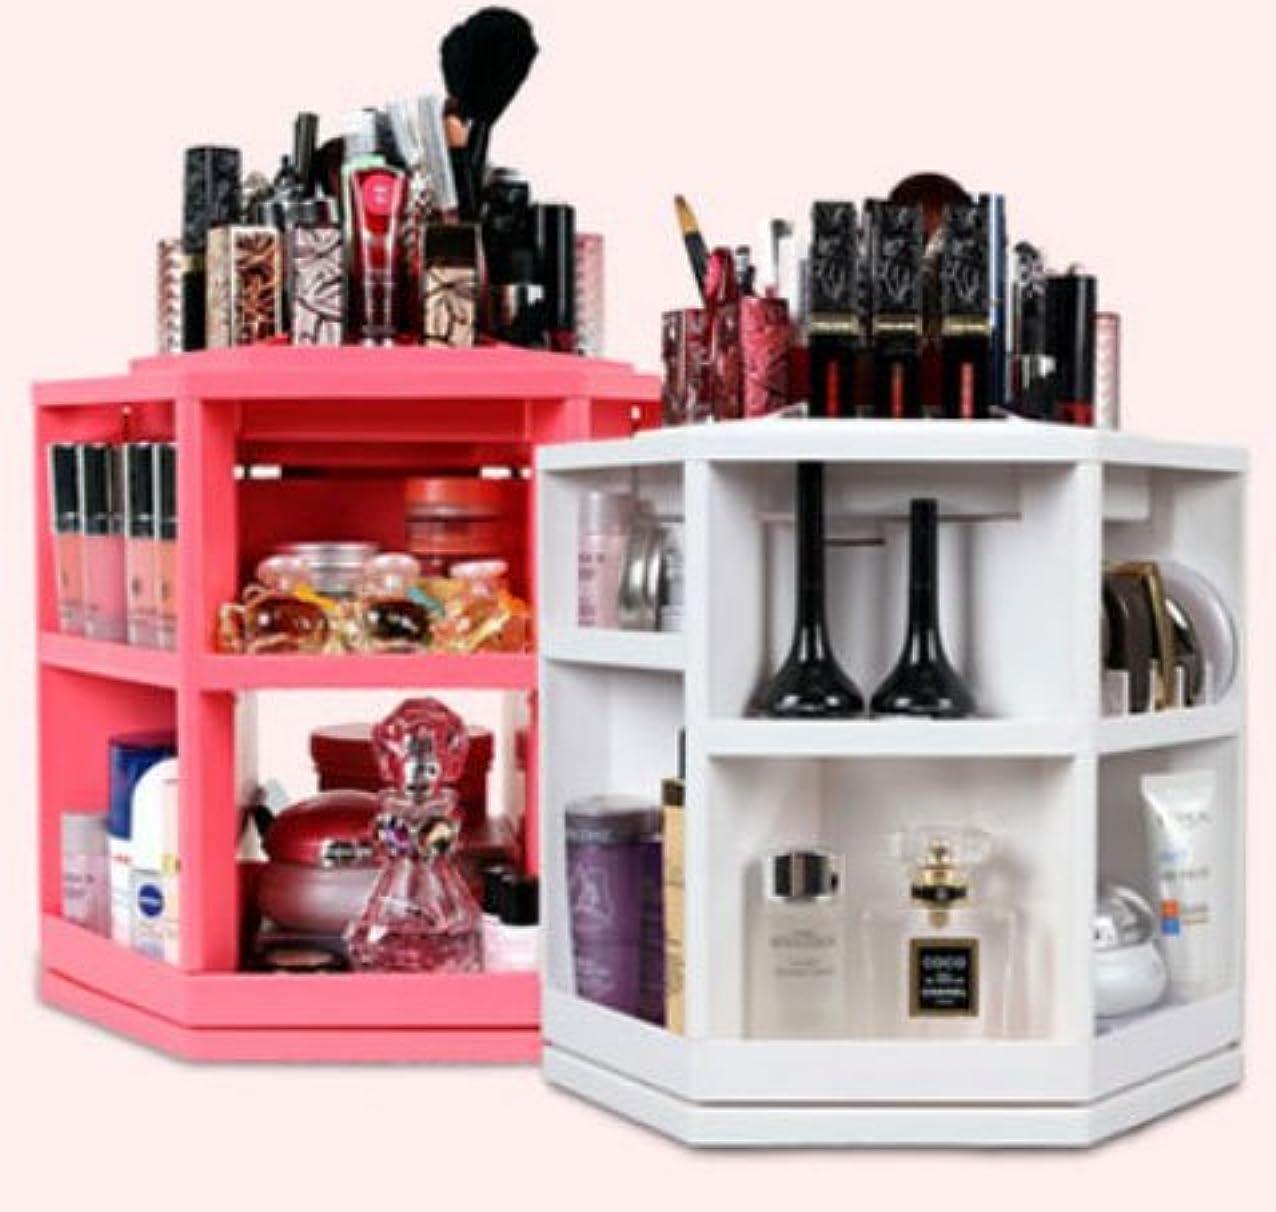 ロック解除謙虚原油コスメ ボックス,化粧品 収納、楽、簡単、回転する化粧品収納整理台、ピンク色